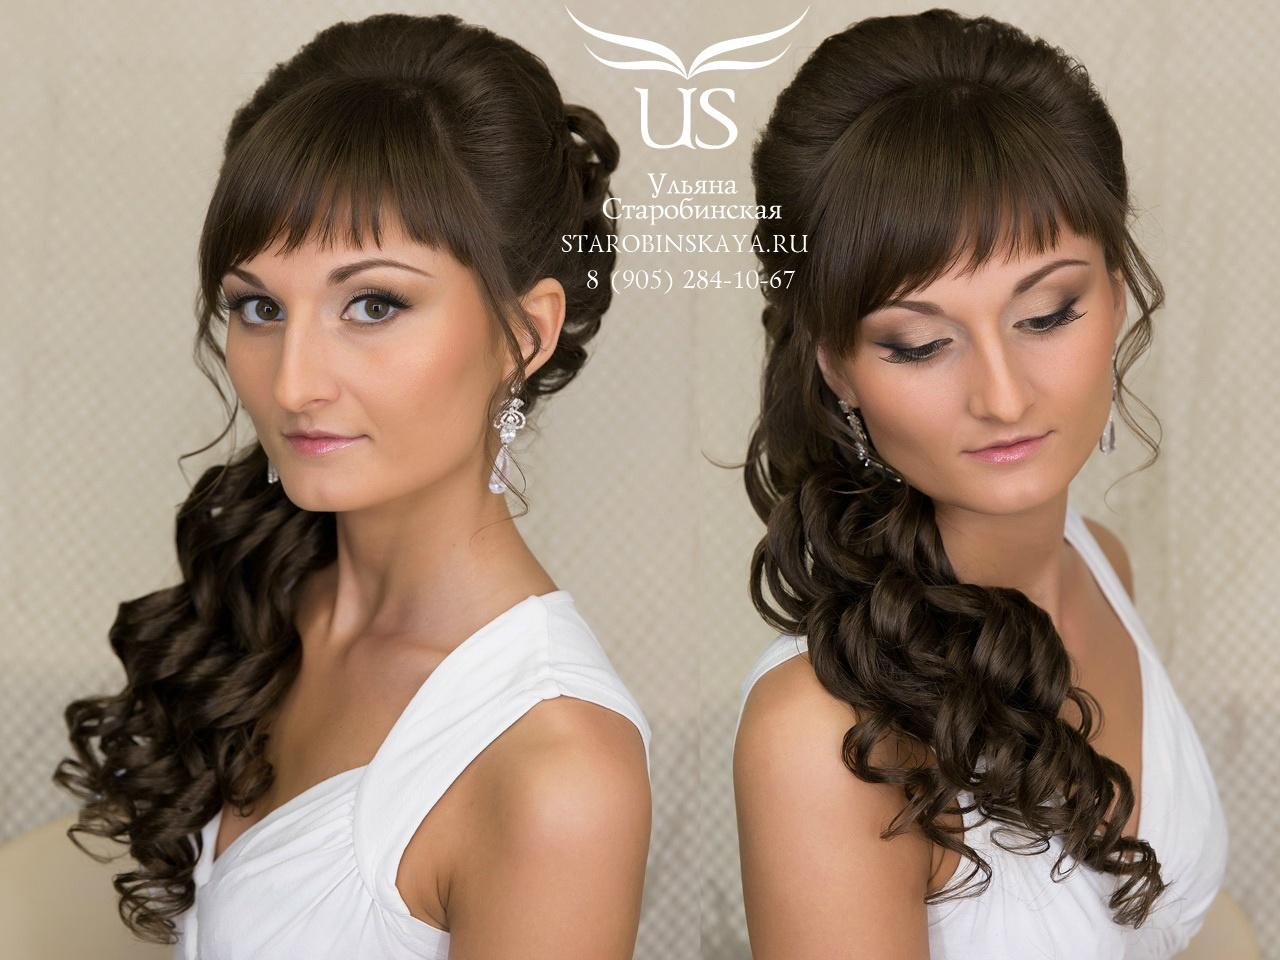 Причёски на выпускной на длинные волосы с прямой челкой фото